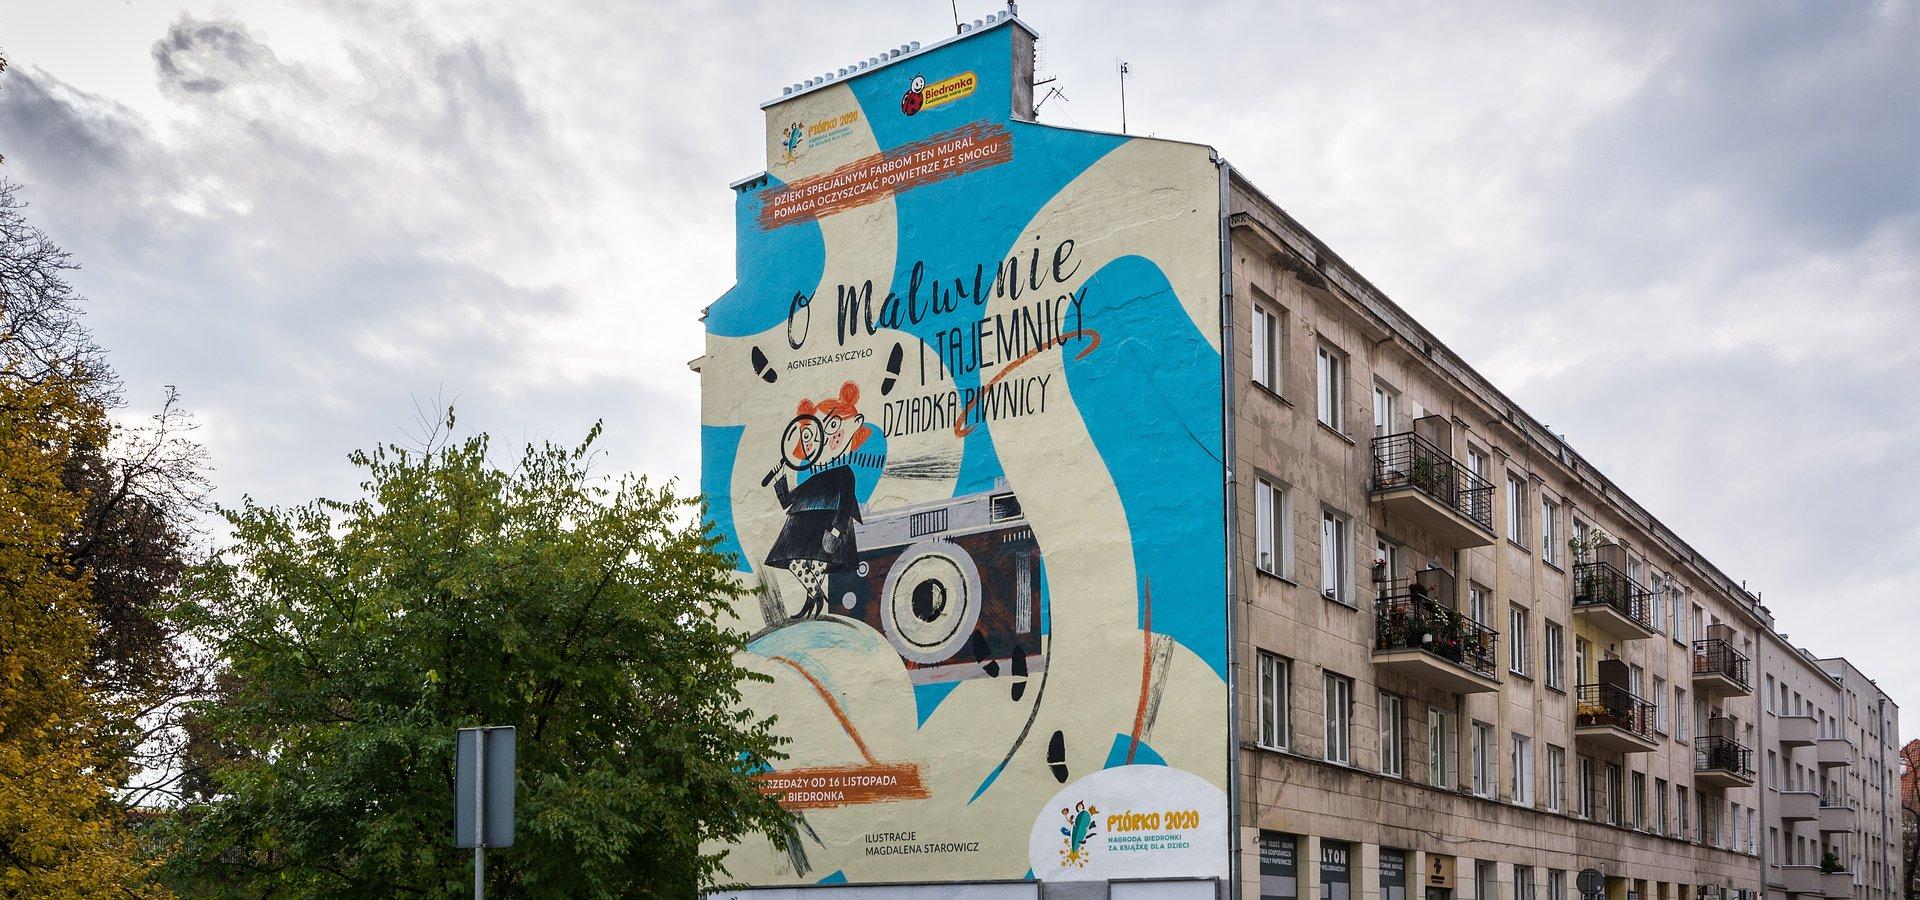 Biedronka wręcza nagrodę 100 tys. zł i odsłania antysmogowy mural